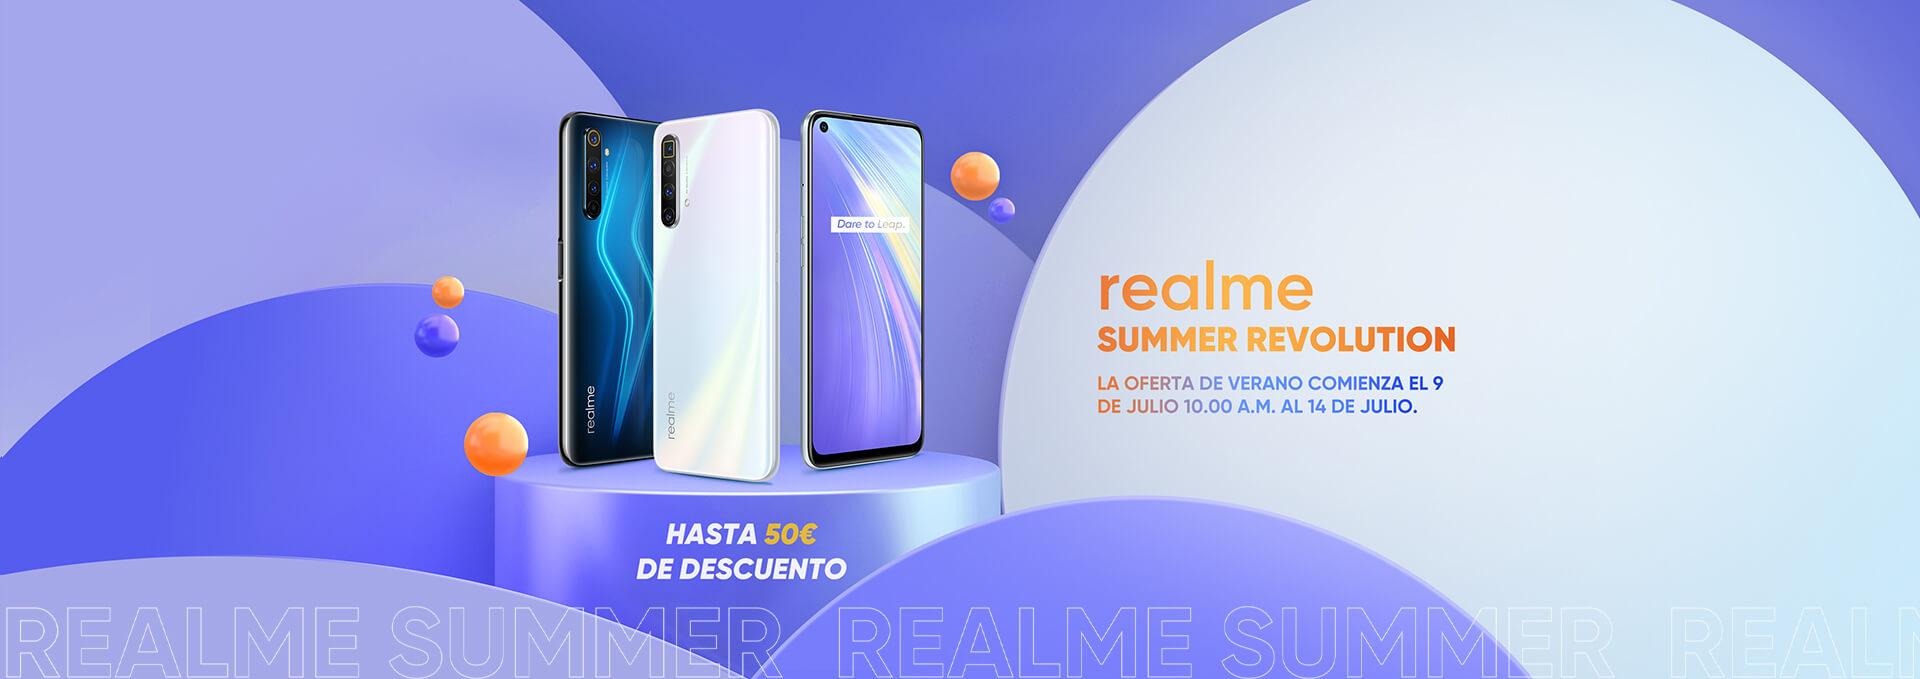 realme summer revolution